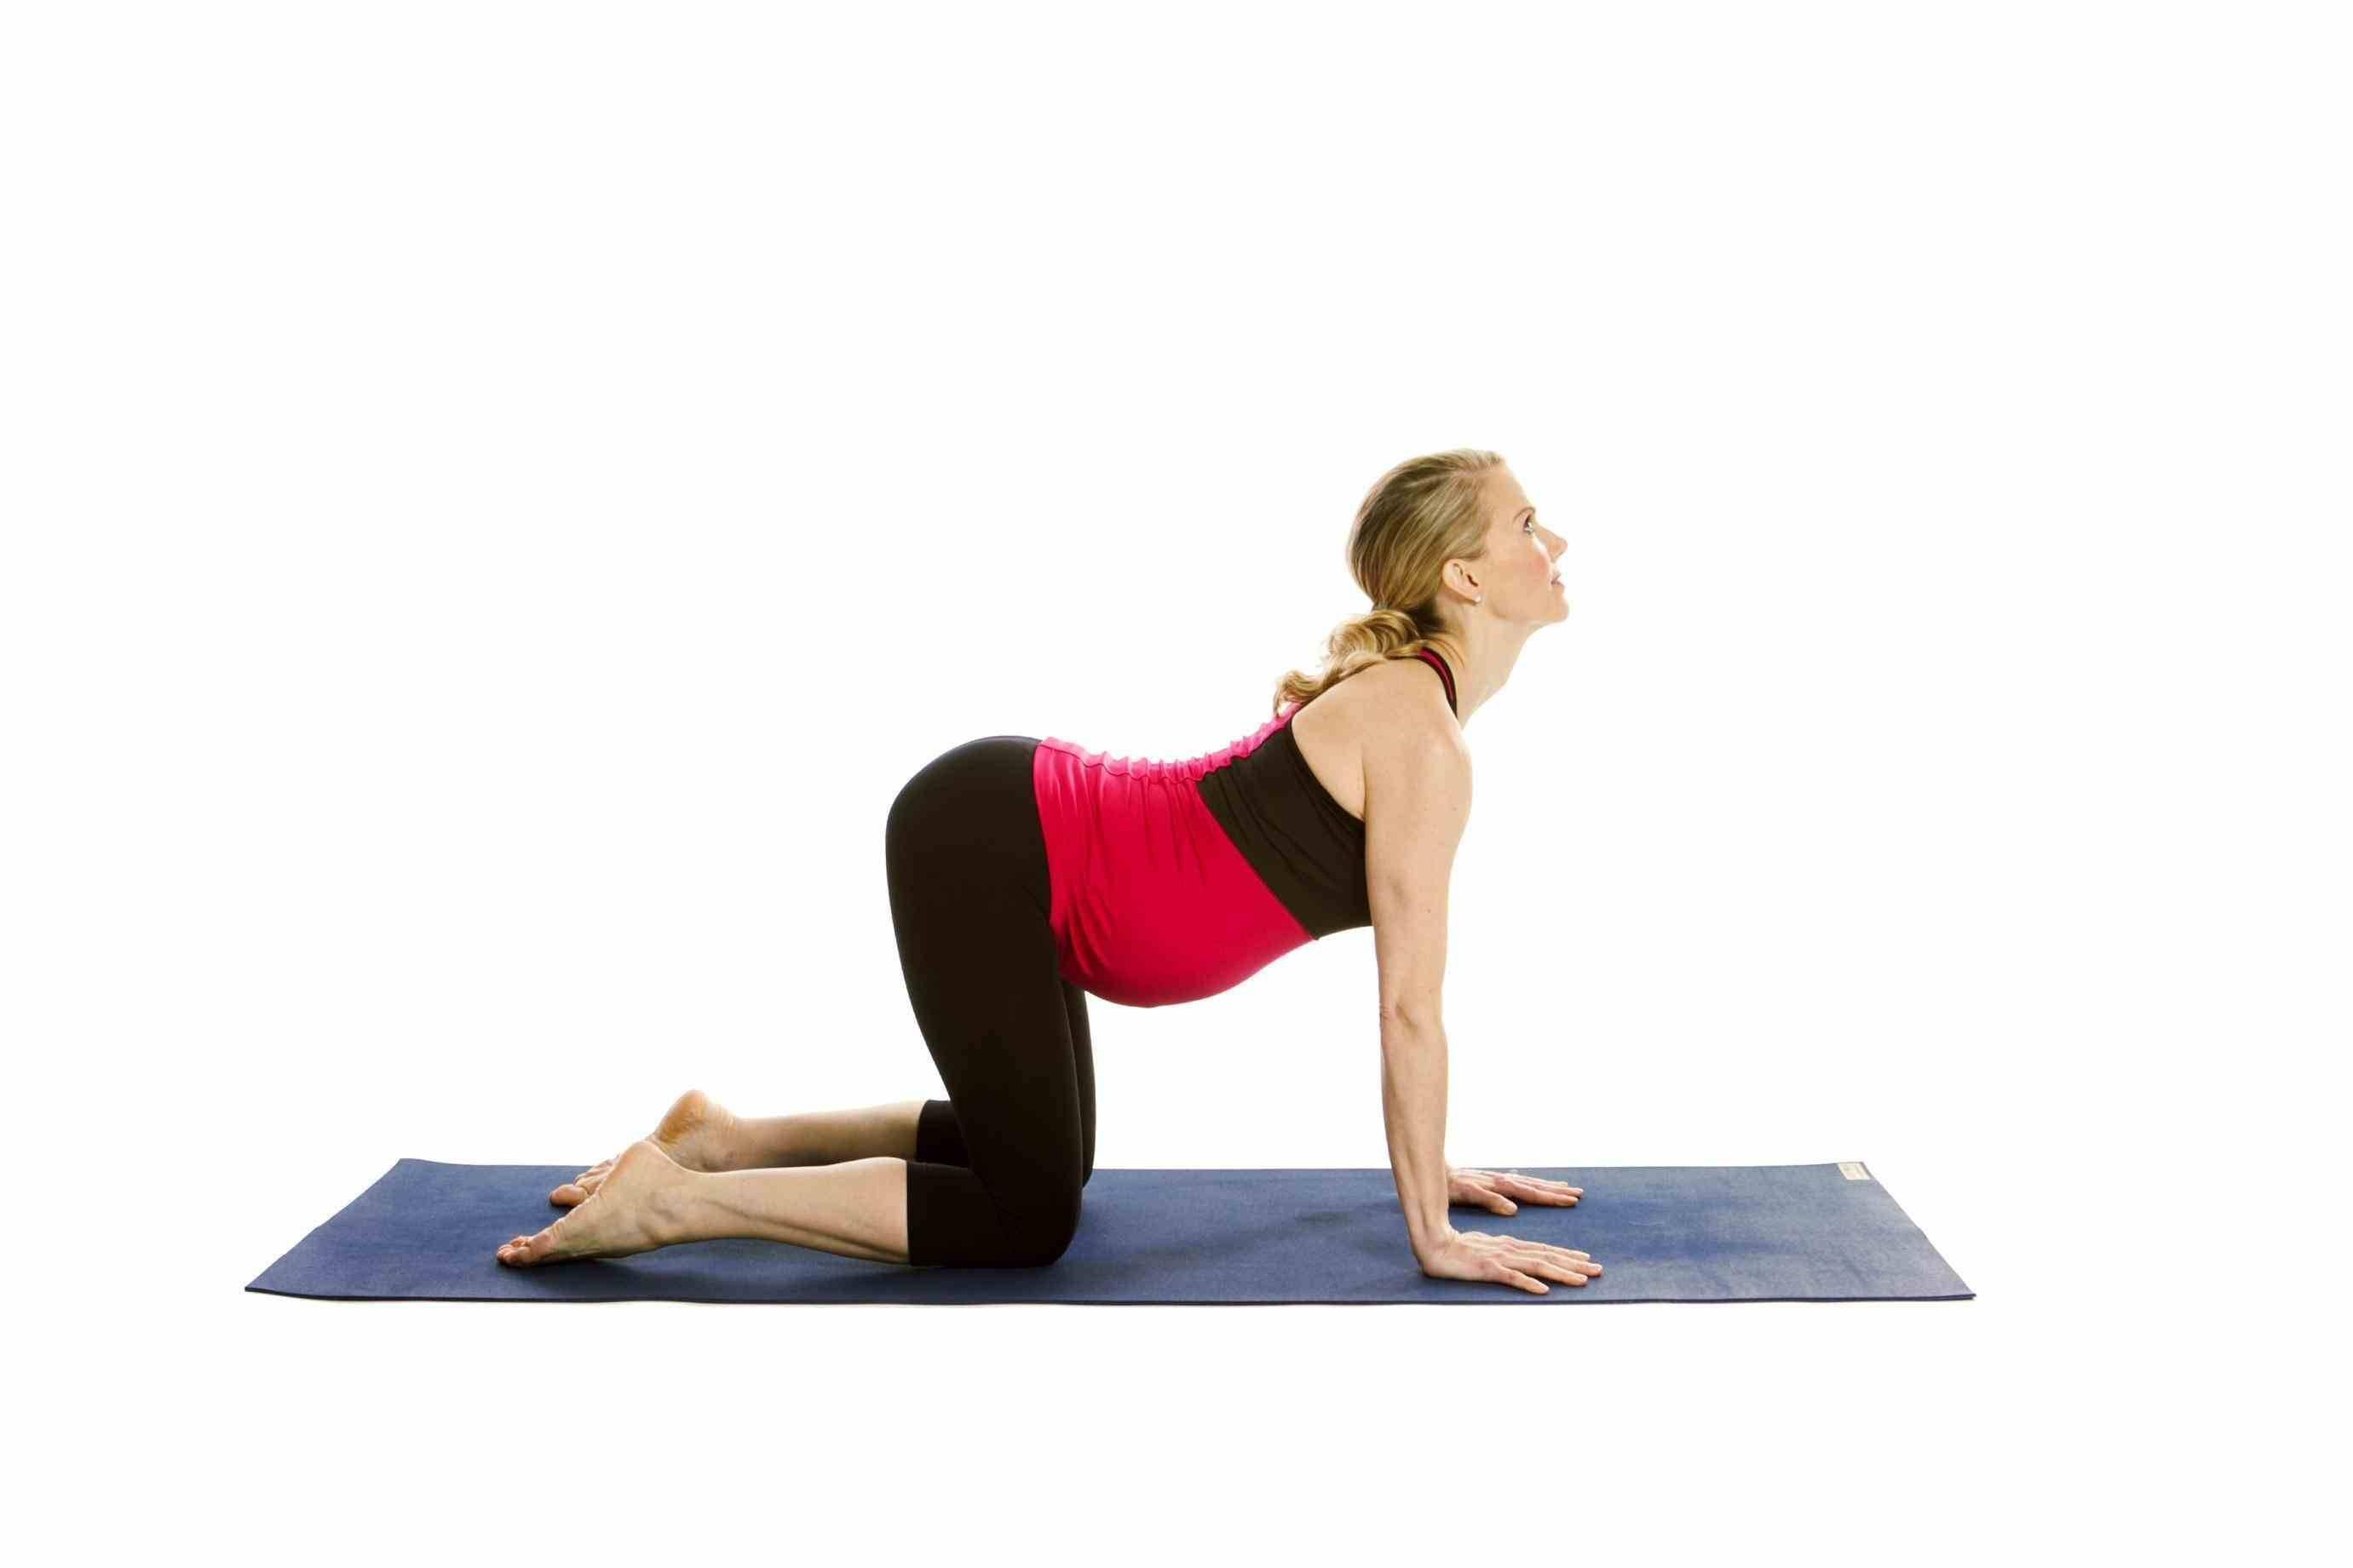 Йога при беременности: польза, вред и противопоказания - mamapedia